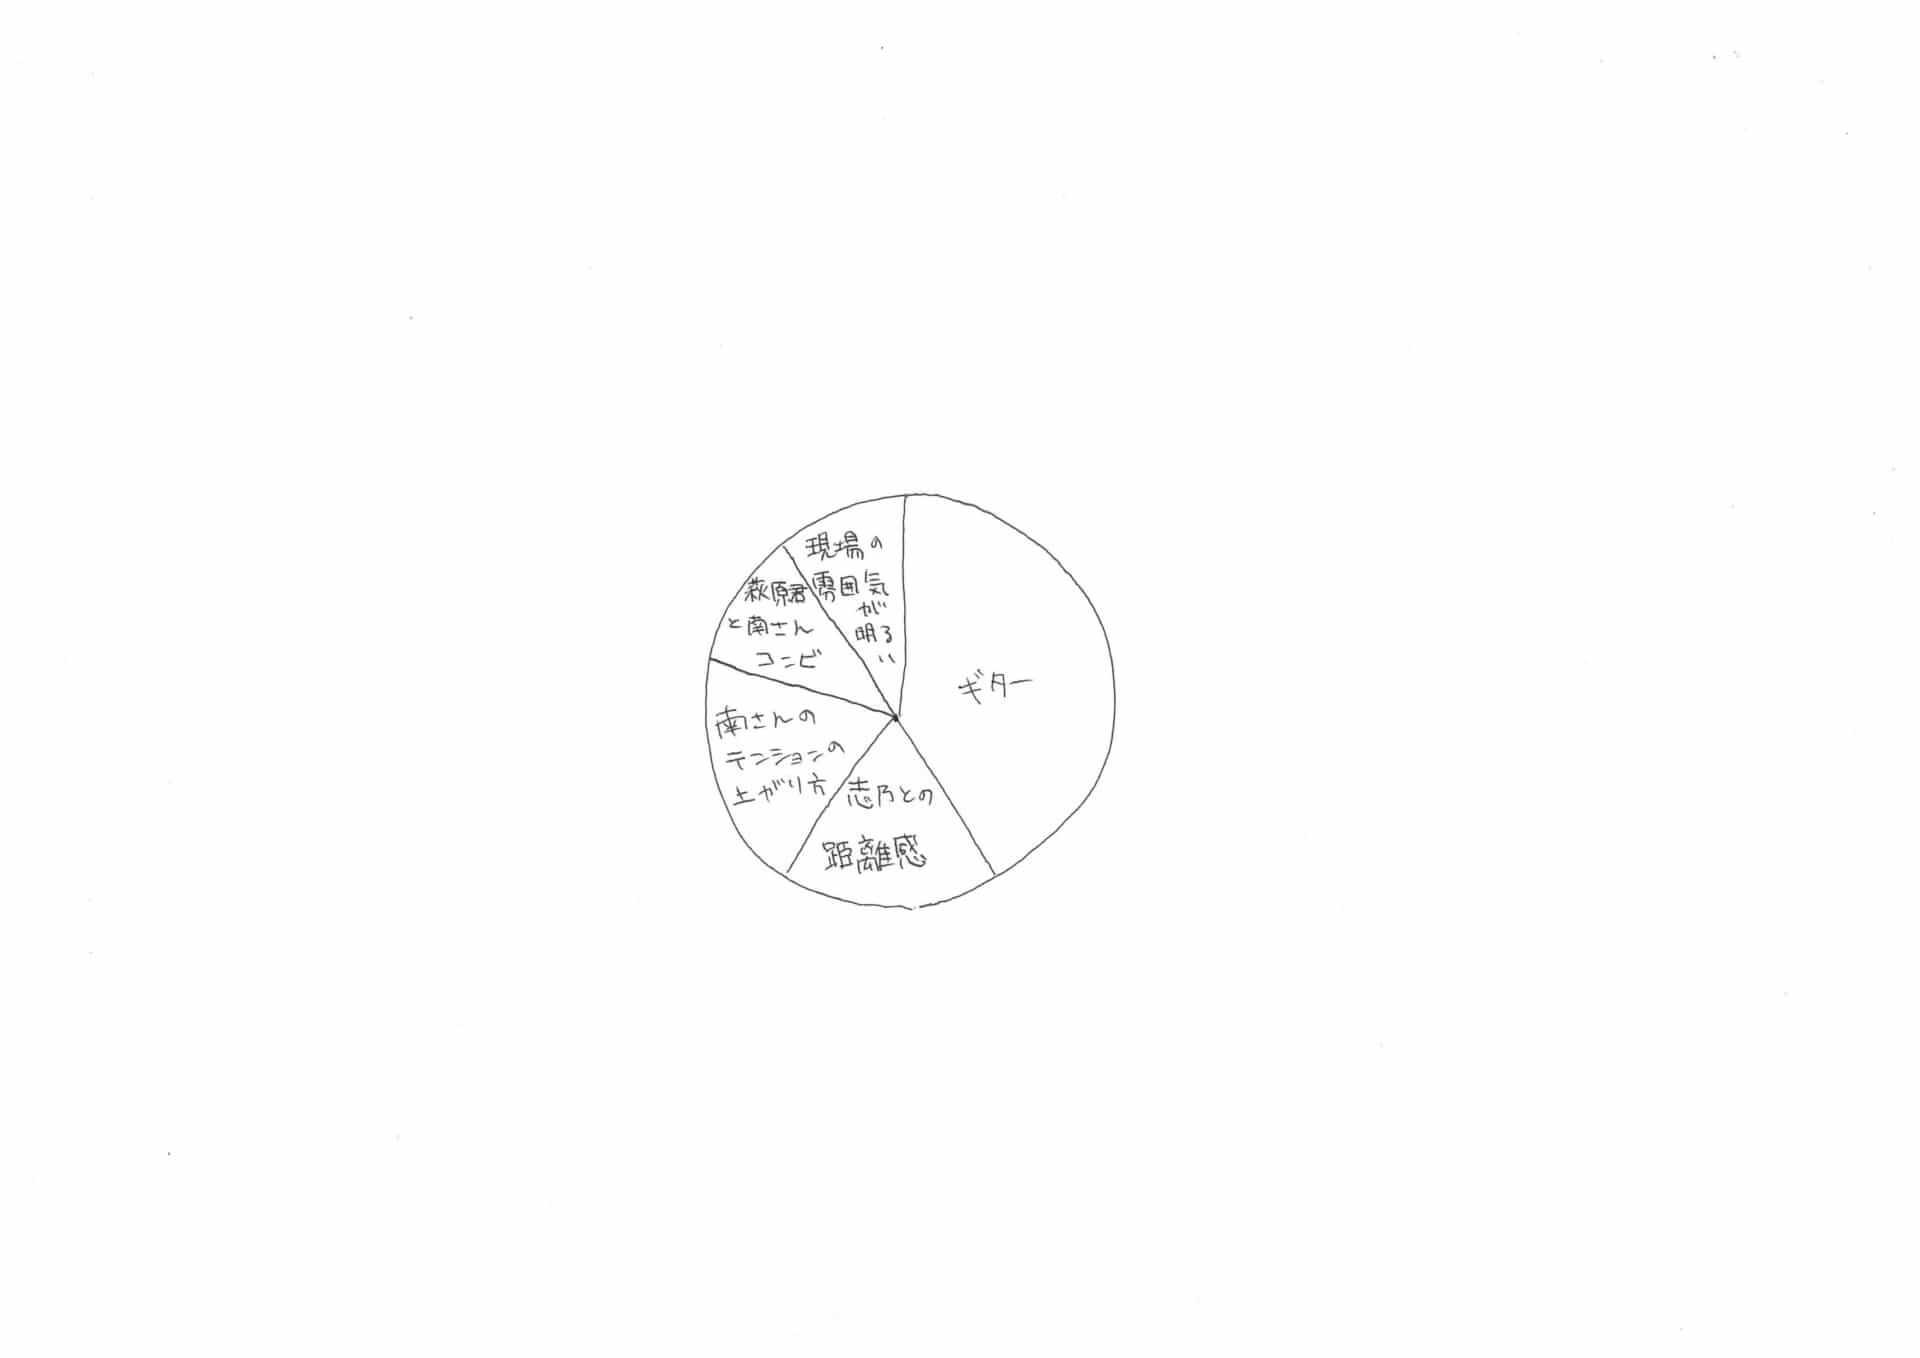 【インタビュー】女優・蒔田彩珠『志乃ちゃんは自分の名前が言えない』|透明感溢れる実力派女優の今を切り取る scan-001